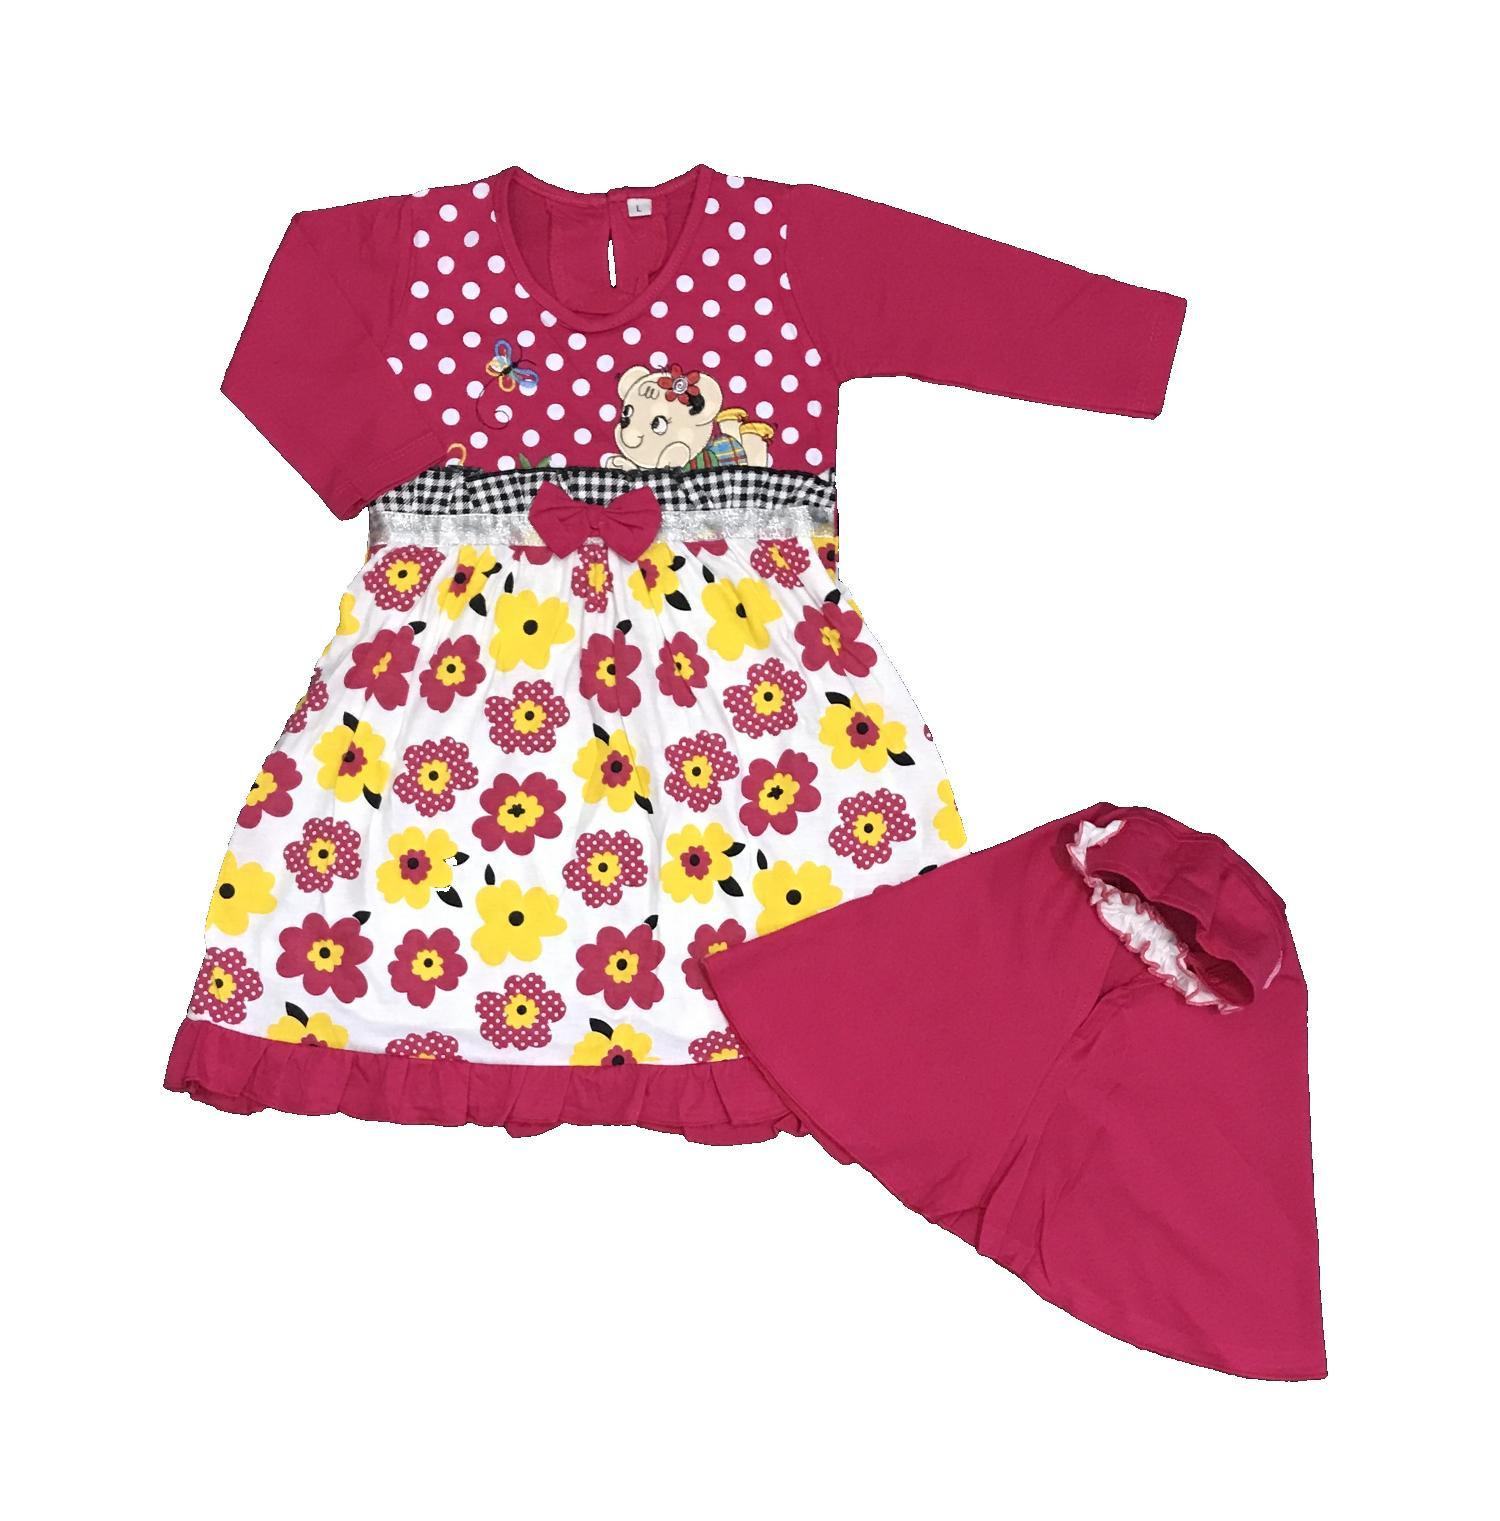 BAYIe - Baju Muslim Anak / Bayi Perempuan motif BUNGA YUNISA / Gamis anak cewek umur 1 - 2 tahun